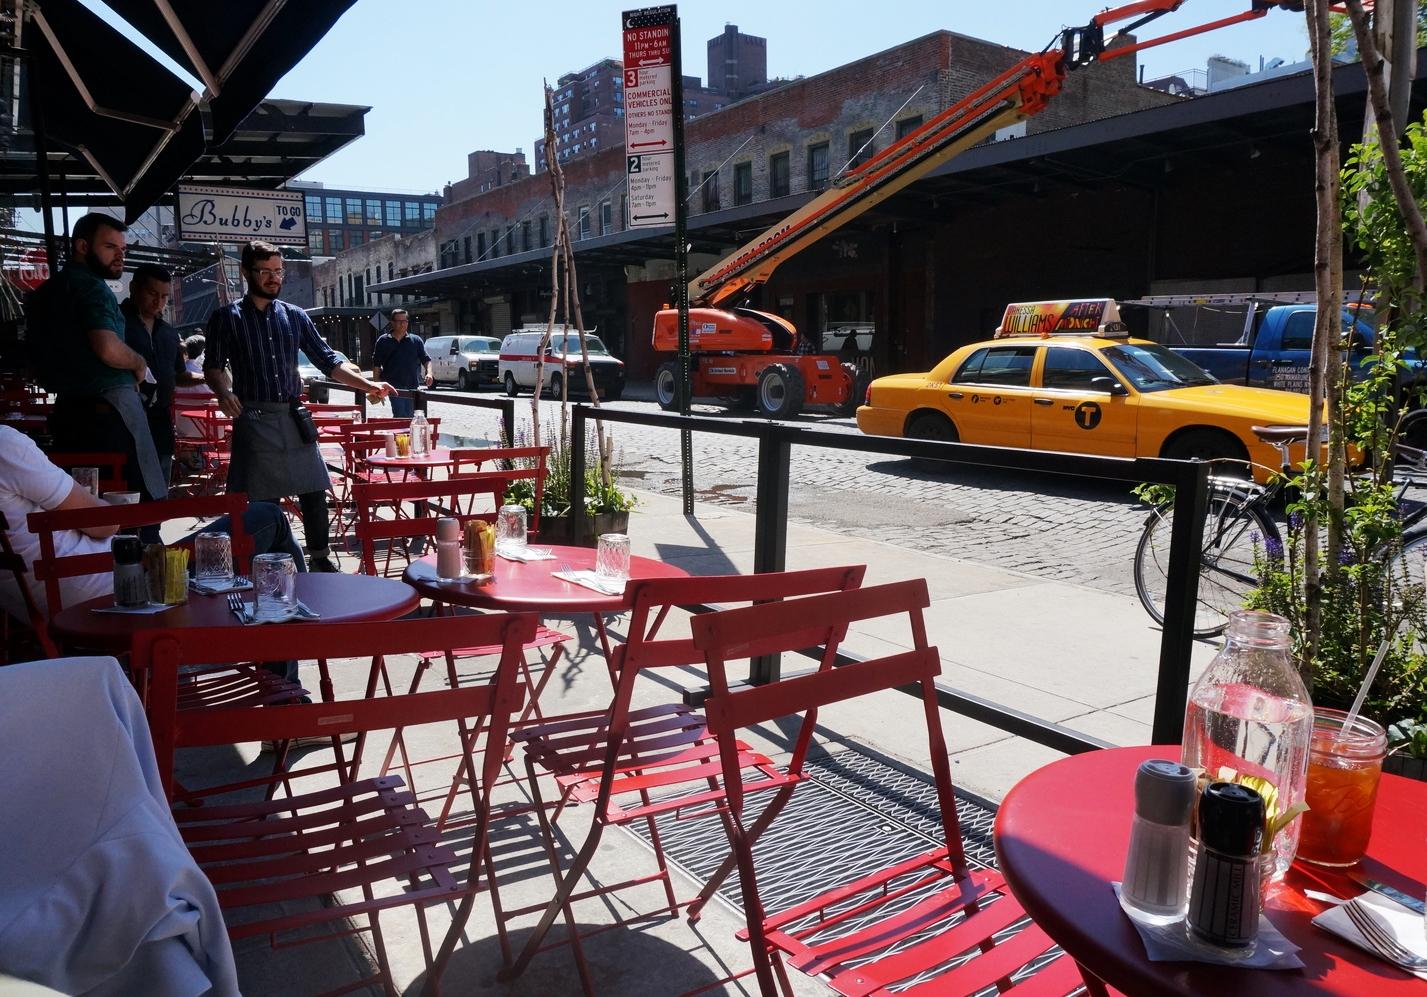 Bubby's Brunch Restaurant New York